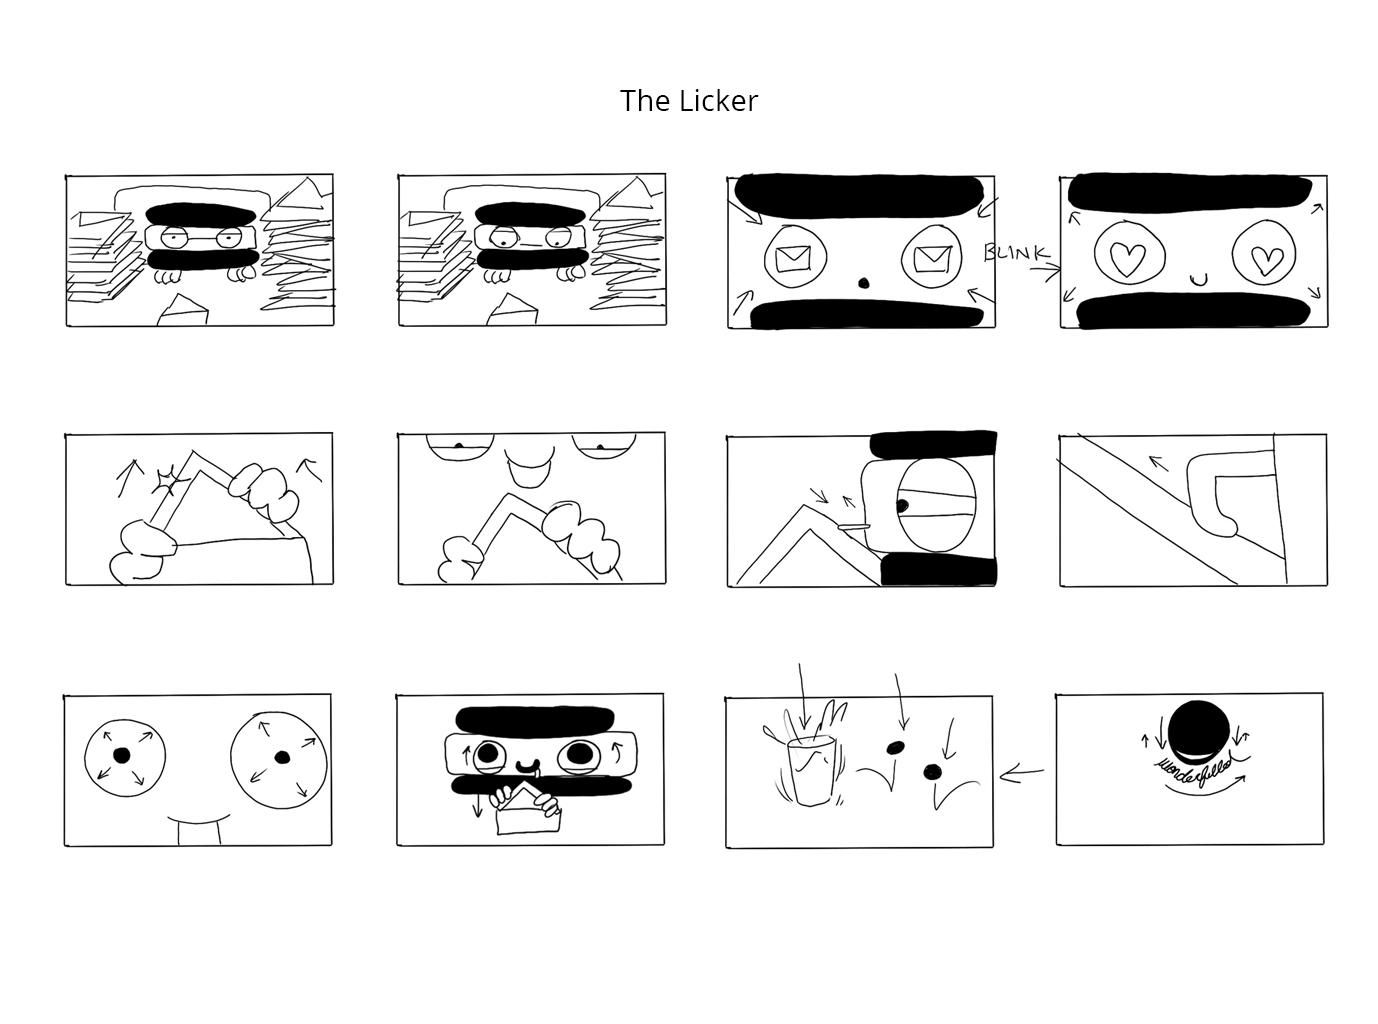 The_Licker.jpg